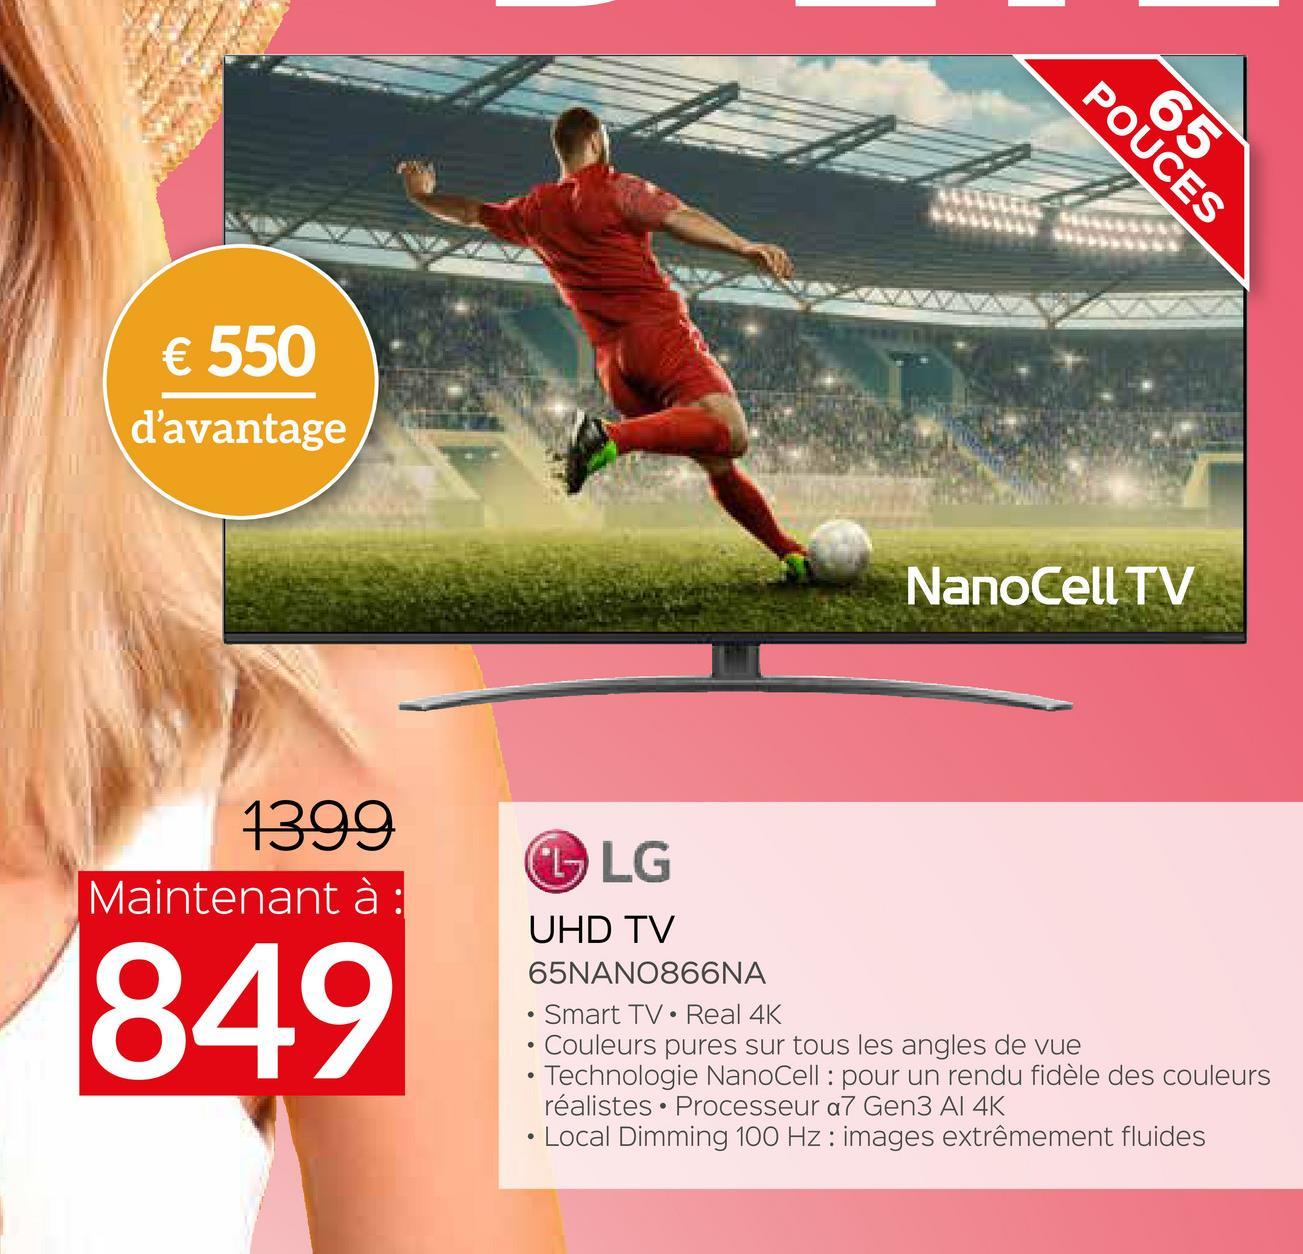 POUCES € 550 d'avantage NanoCell TV 1399 Maintenant à : L LG 849 UHD TV 65NANO866NA Smart TV Real 4K • Couleurs pures sur tous les angles de vue • Technologie NanoCell : pour un rendu fidèle des couleurs réalistes. Processeur a7 Gen3 Al 4K • Local Dimming 100 Hz : images extrêmement fluides